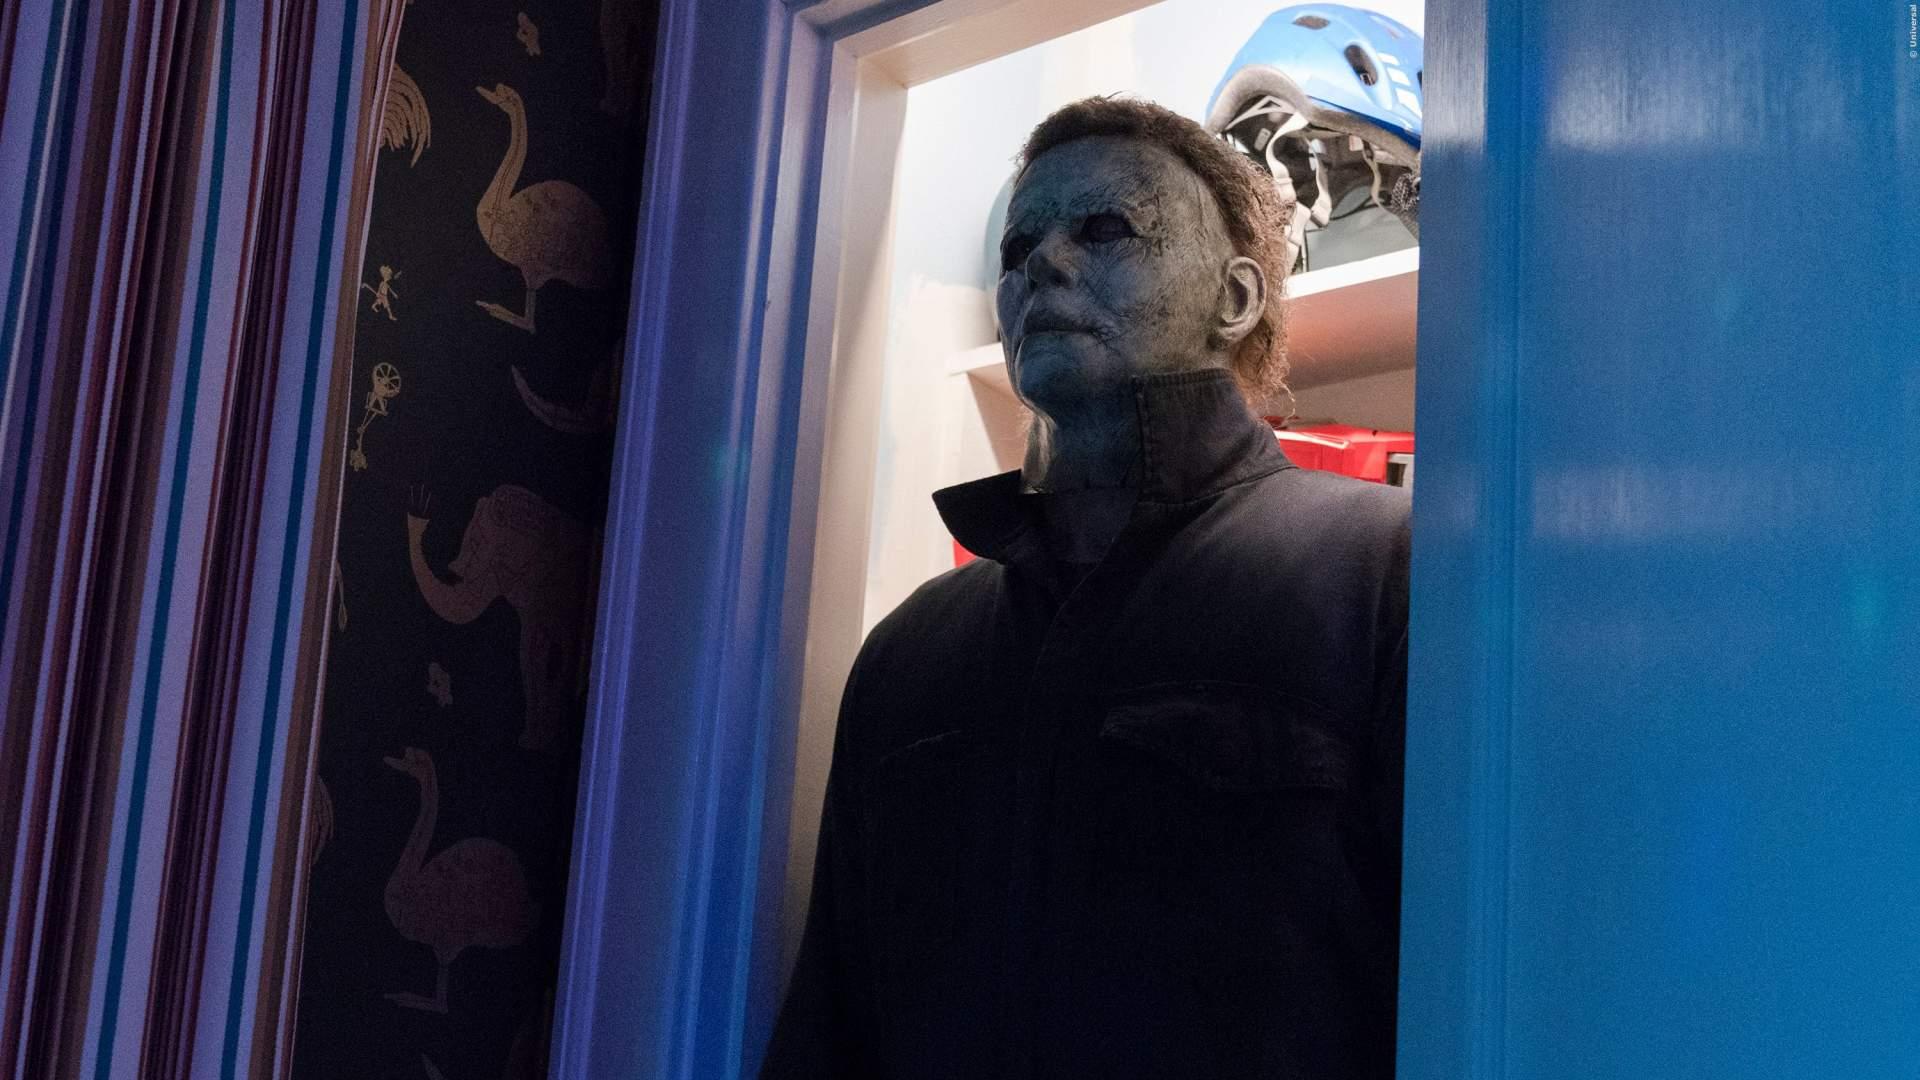 Halloween: Neue Bilder veröffentlicht - Bild 2 von 3